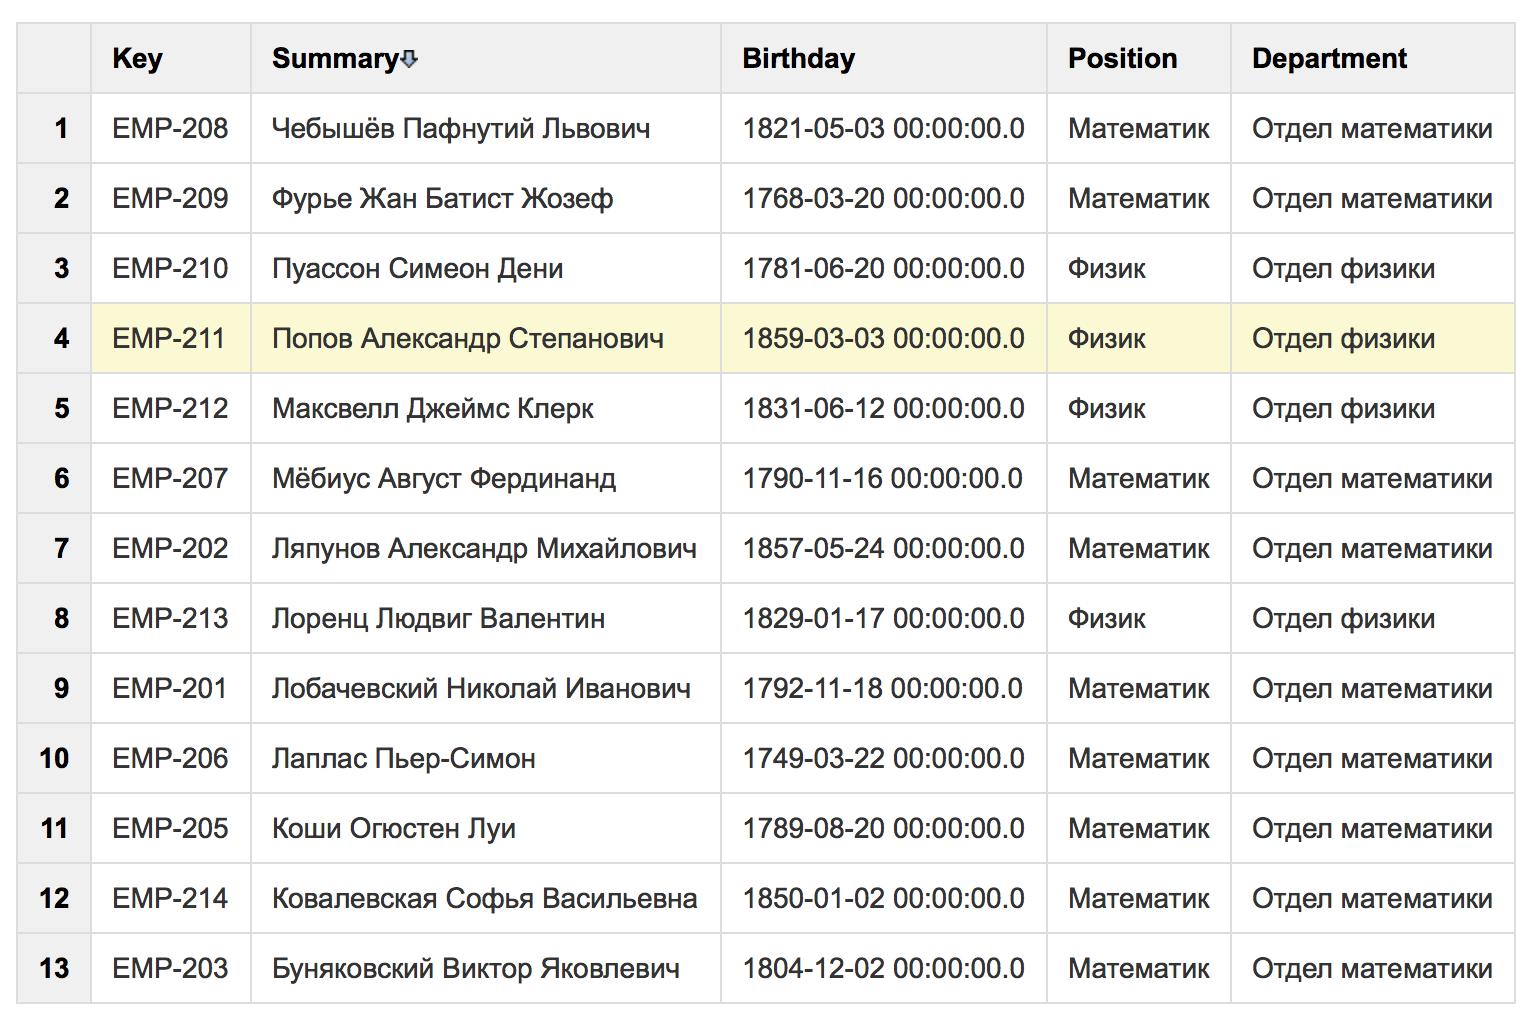 Как отобразить динамическую выгрузку из БД на страницах Atlassian Confluence? - 13